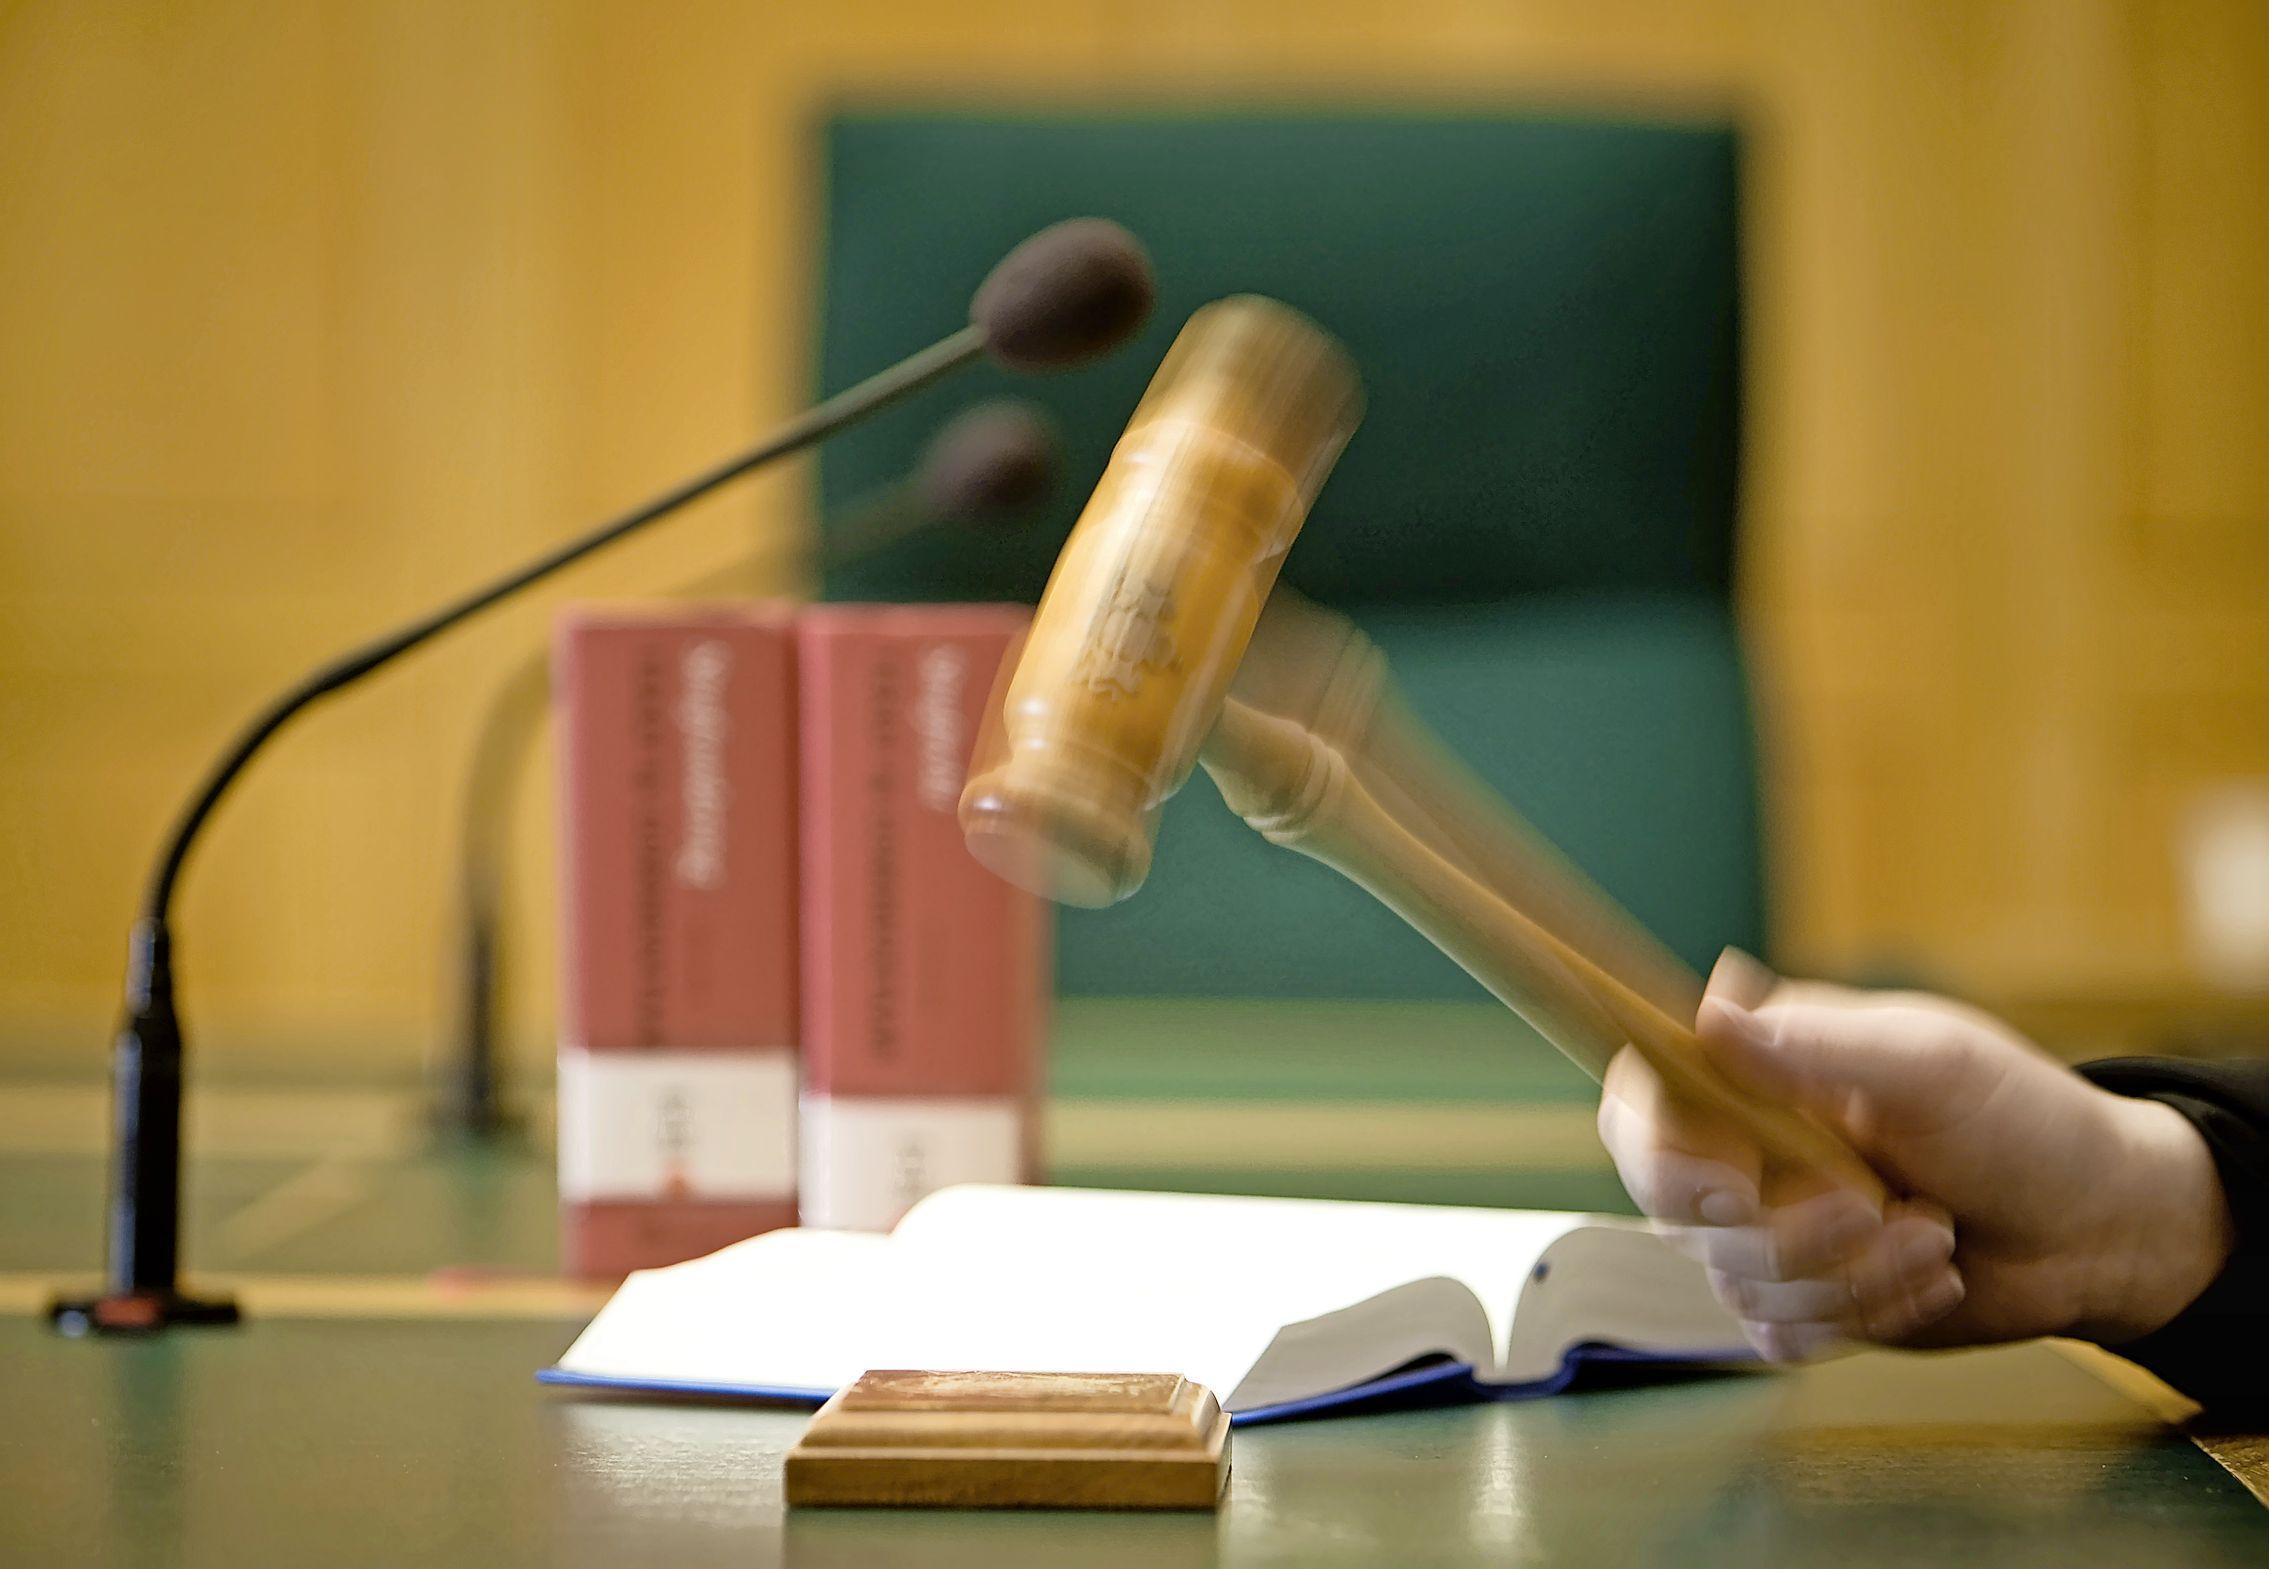 Vier maanden celstraf voor pedoseksuele moeder uit Oegstgeest die vier jaar lang ontucht pleegde met het vriendje van haar dochter